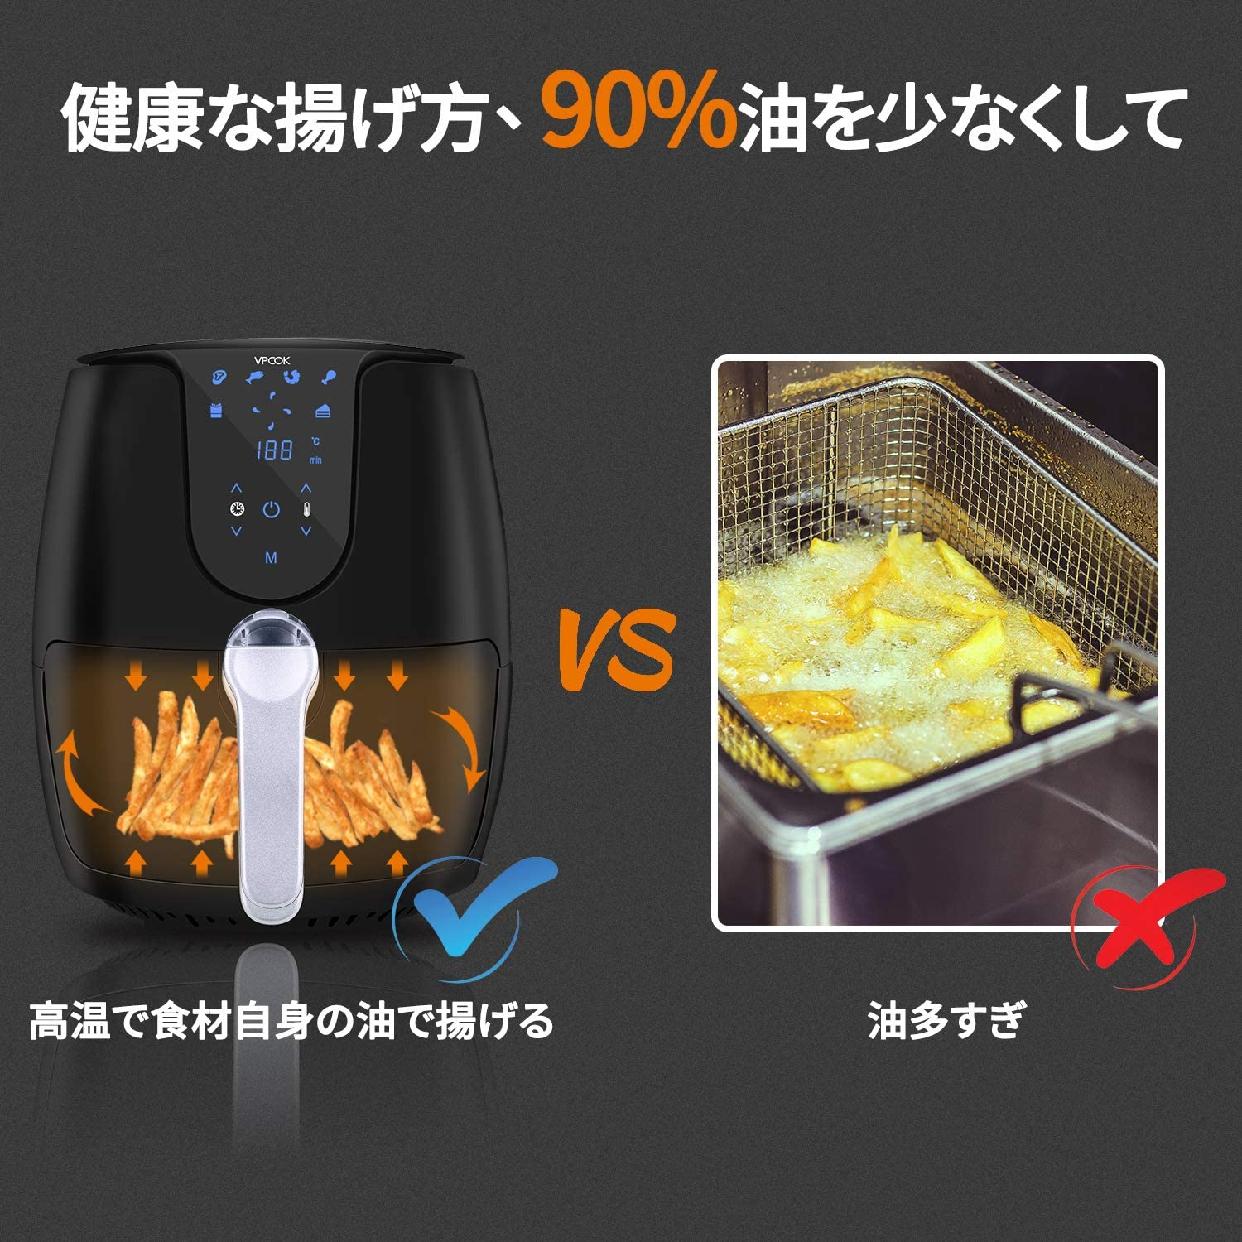 VPCOK(ブイピーコック) エアフライヤーの商品画像4